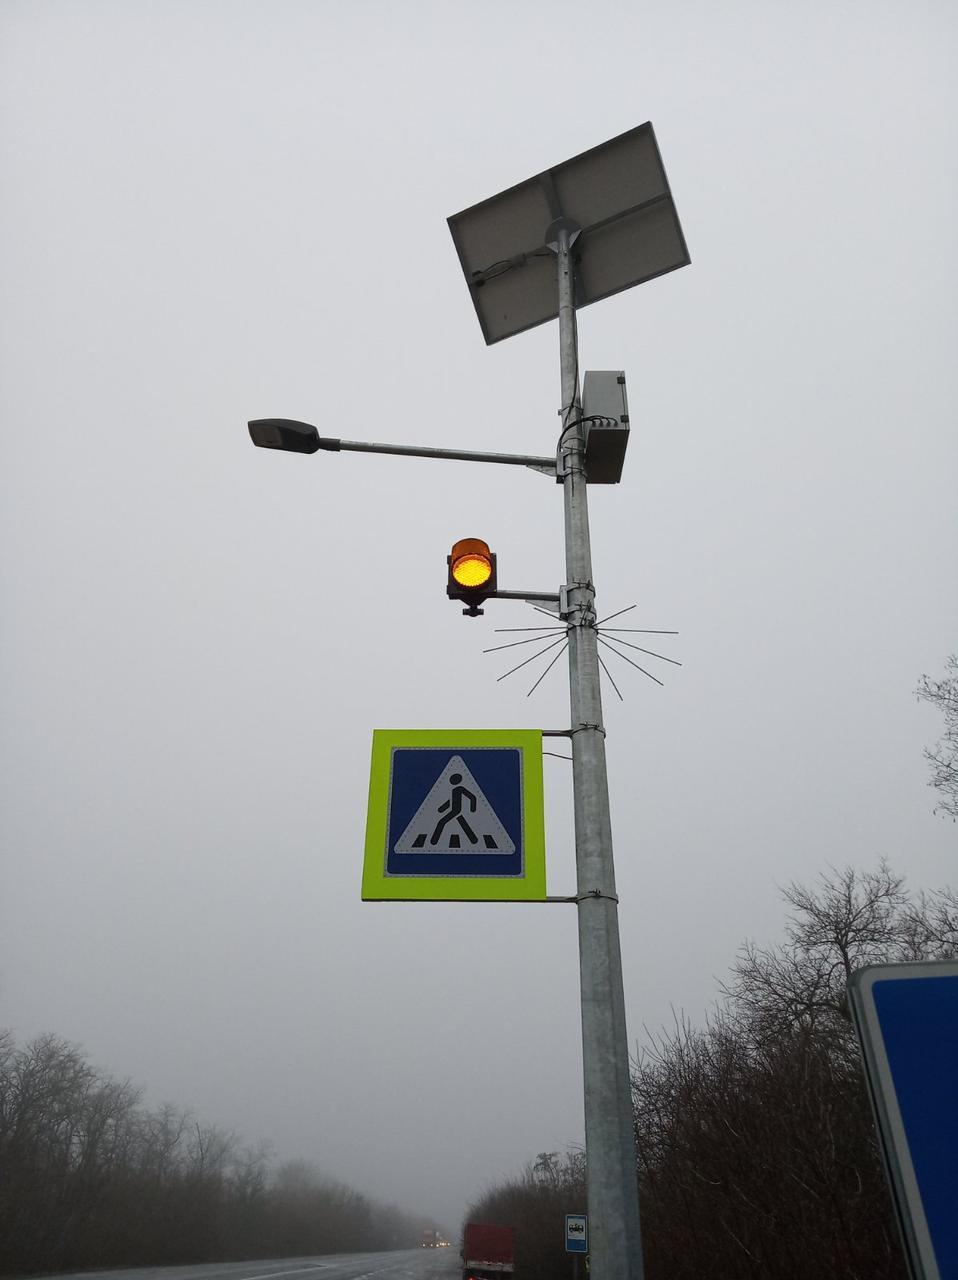 Безопасный пешеходный переход (стационарный и автономный).